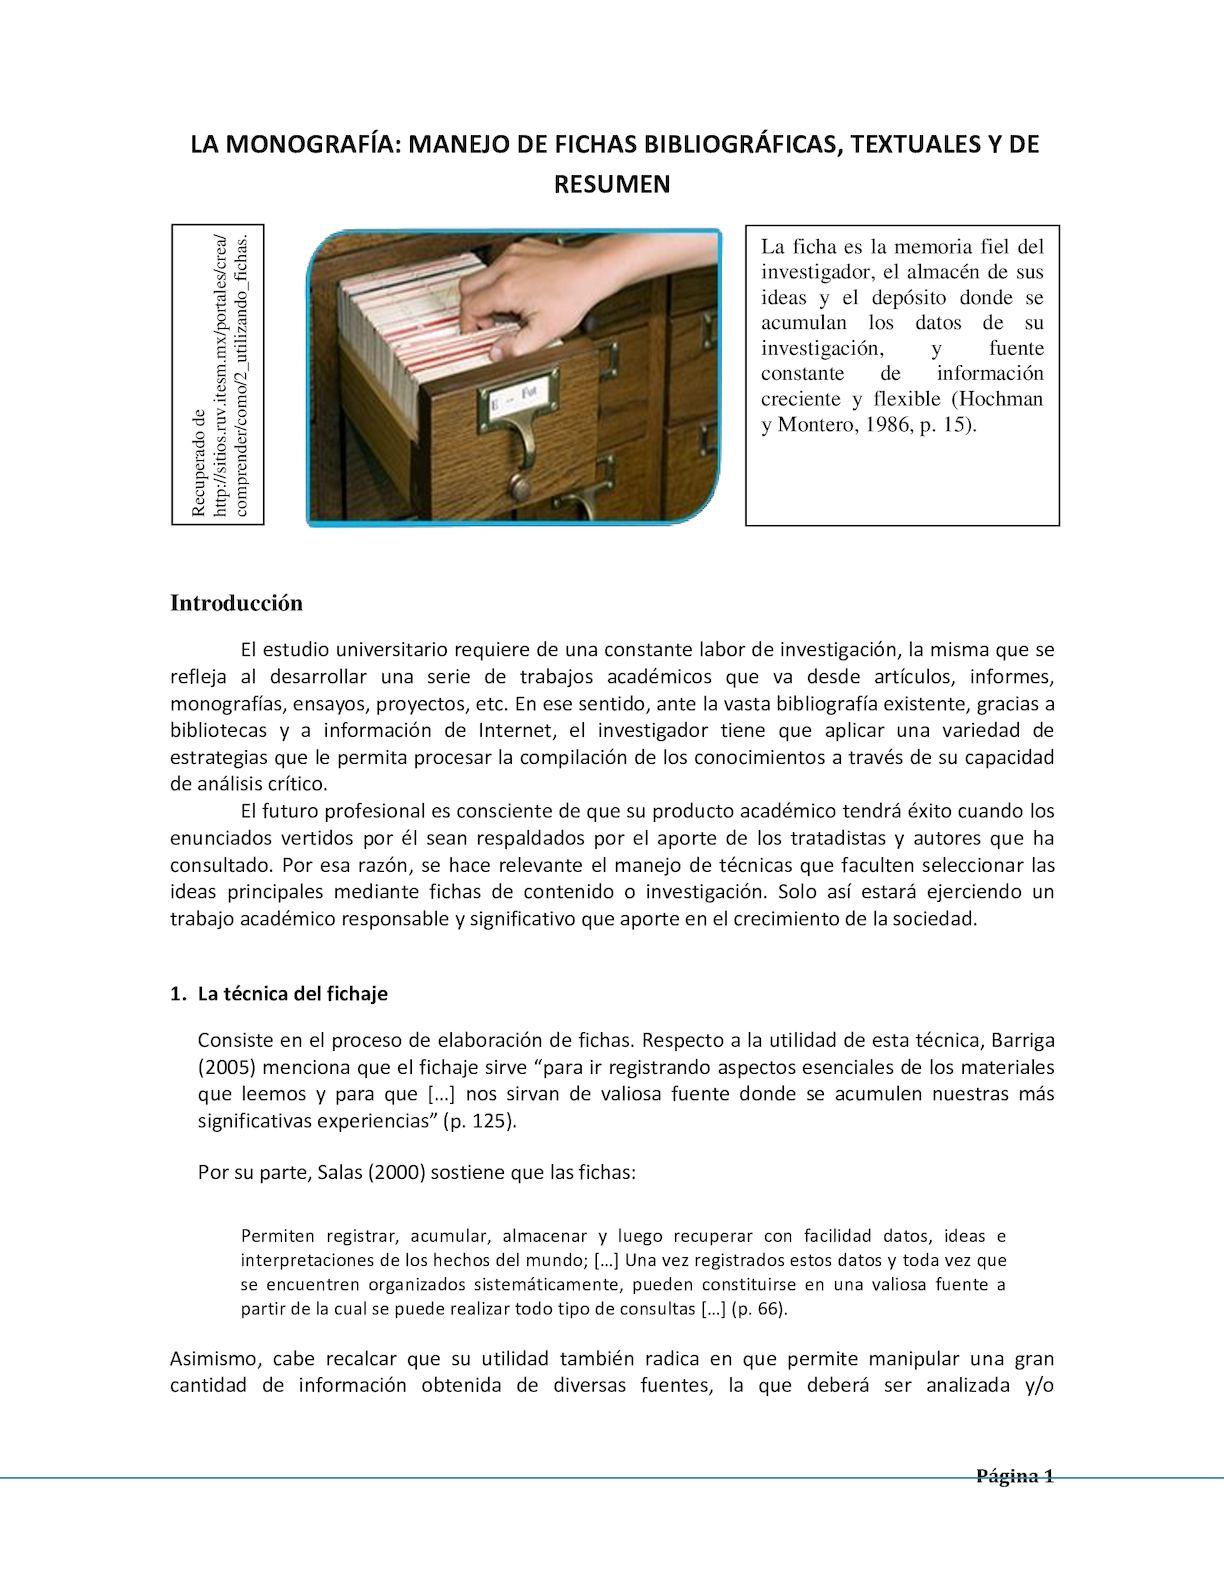 Calaméo - Fichas de referencia, textual y resumen